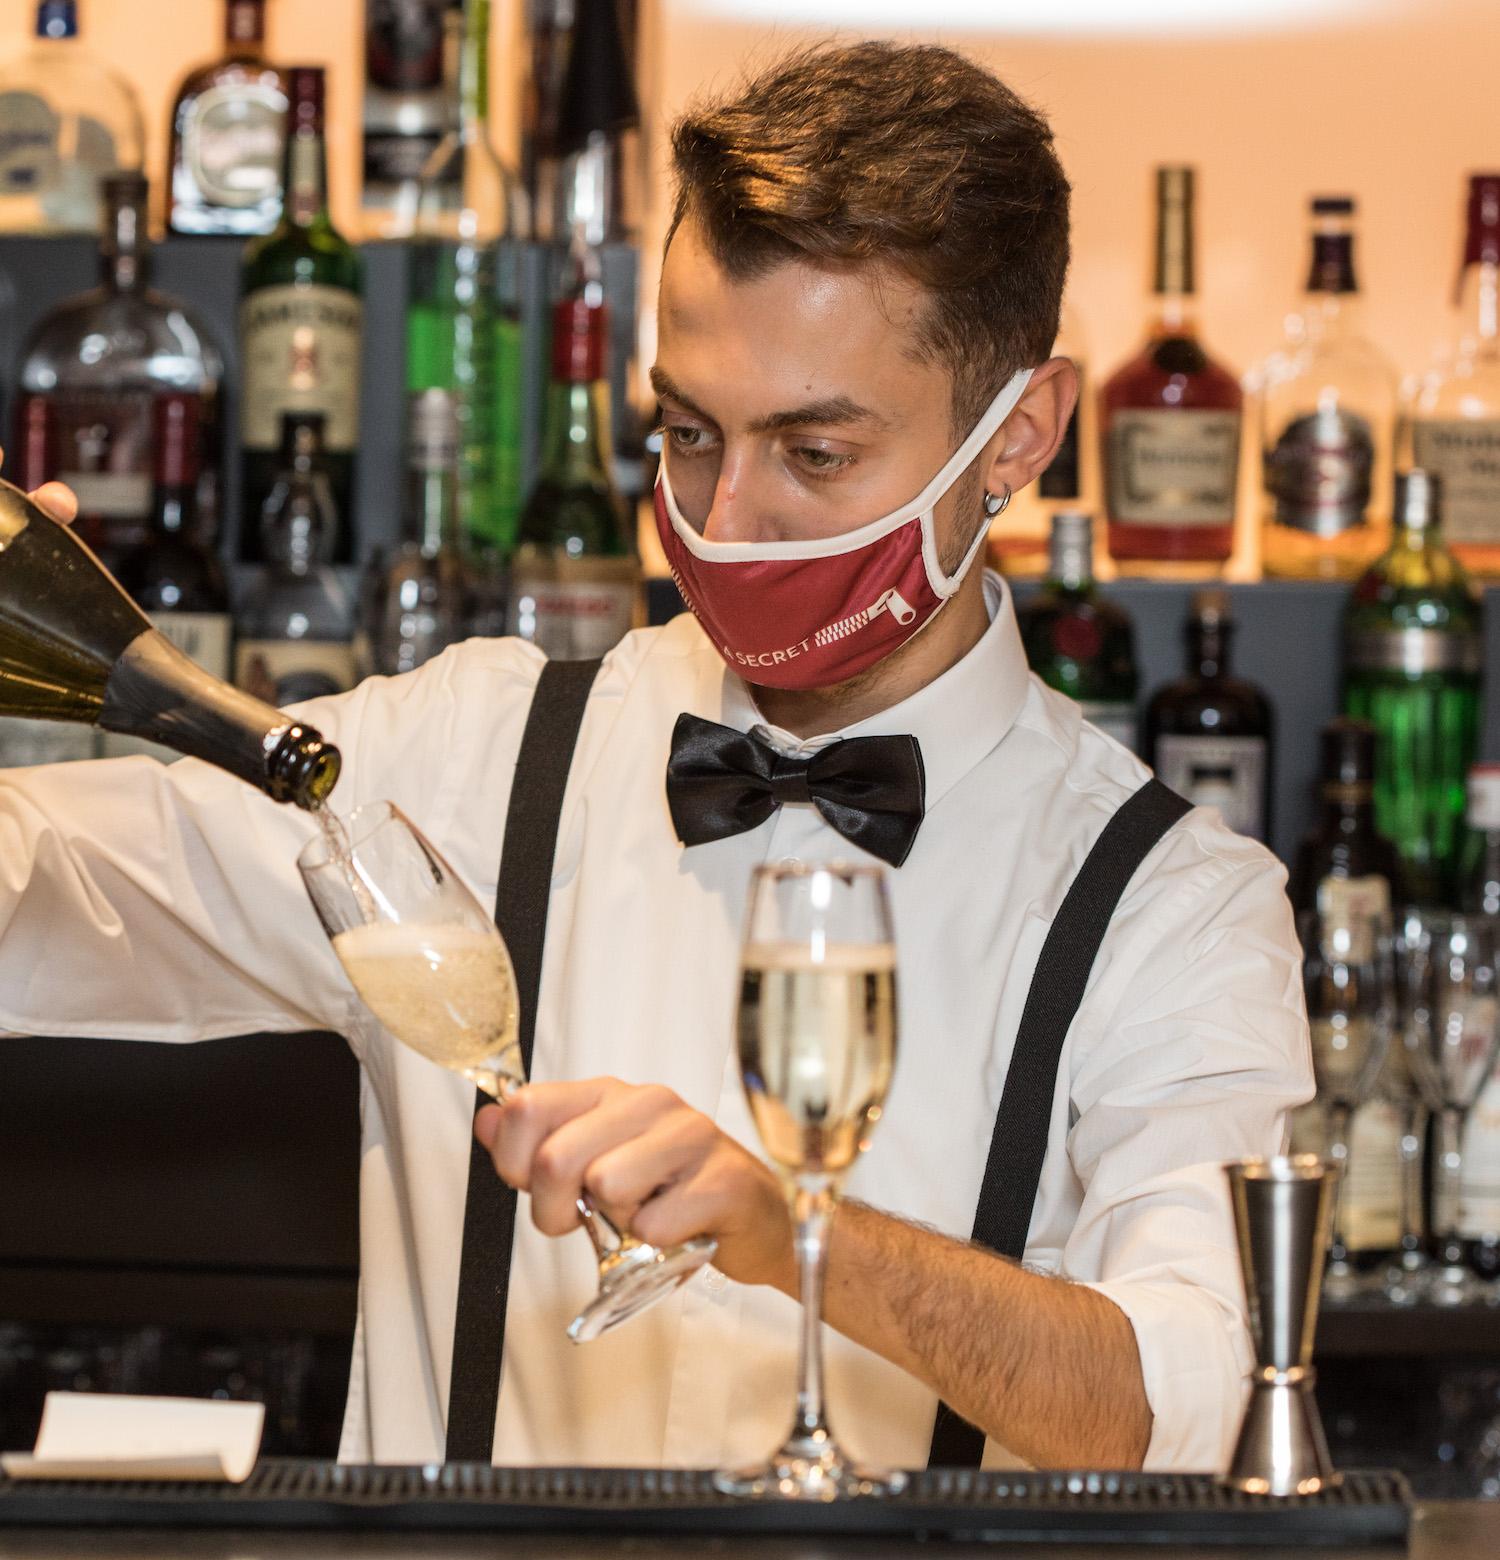 Bar man pouring prosecco